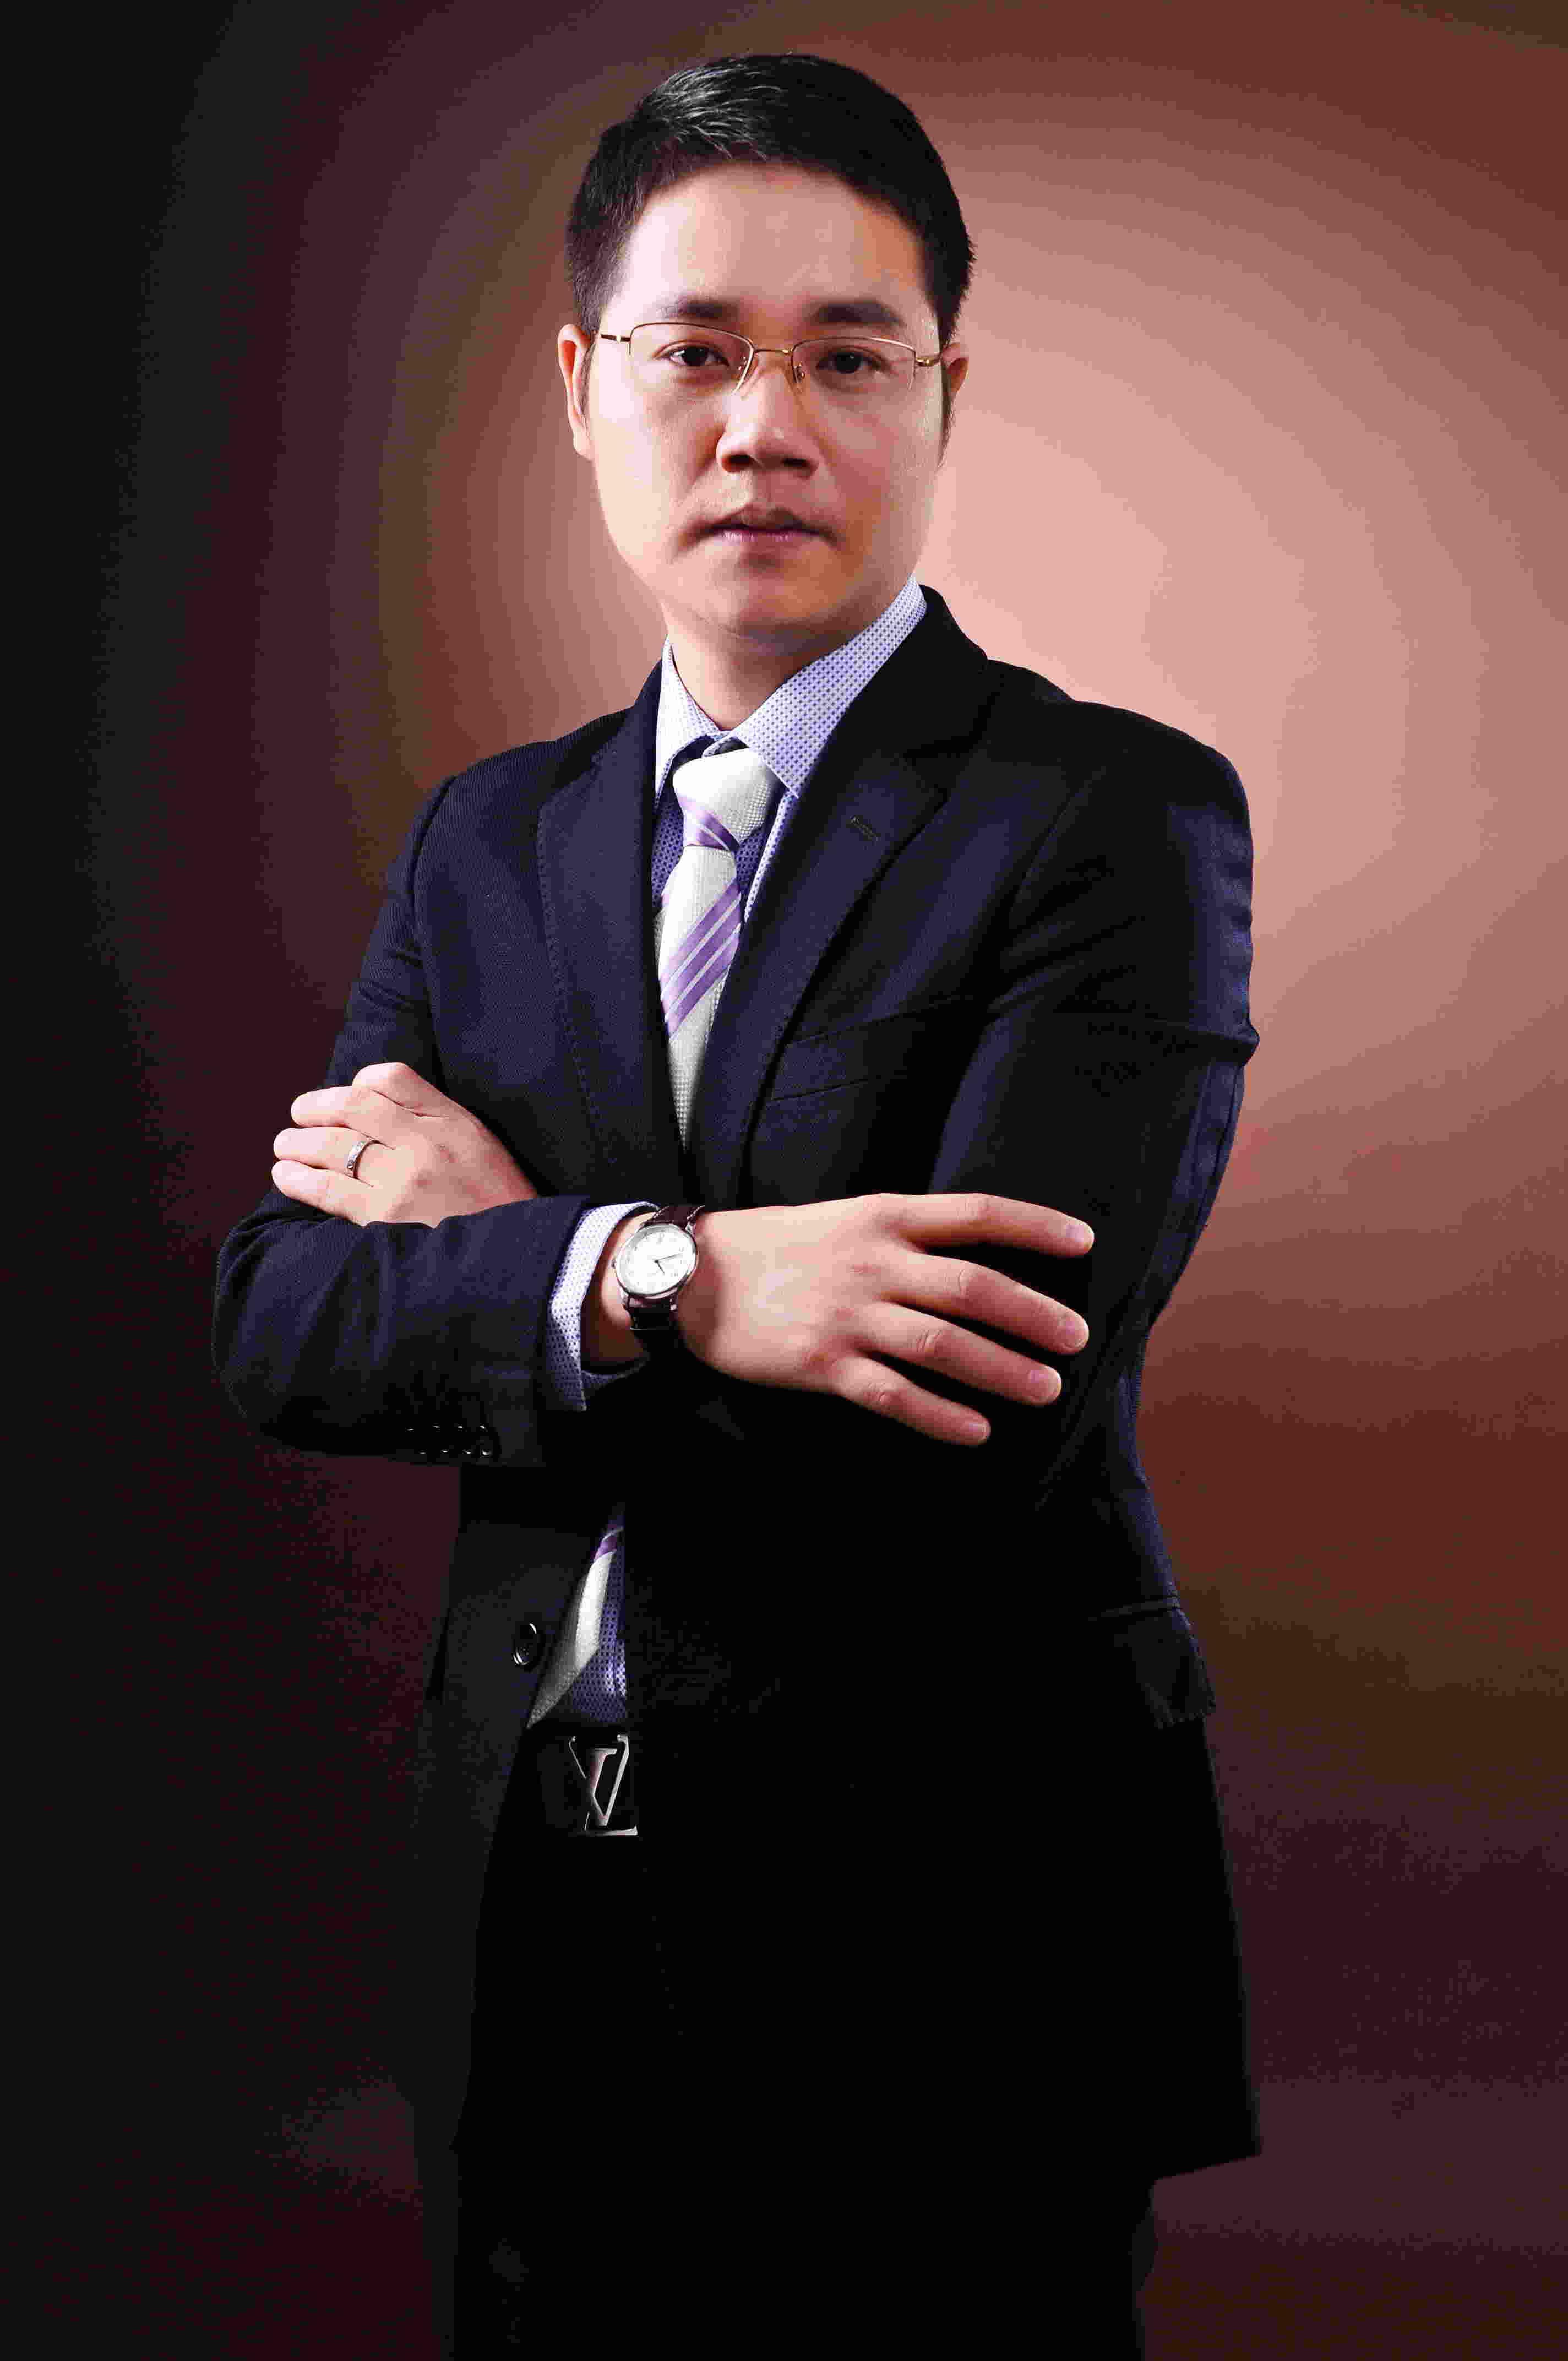 盛子洛(专业讲师)